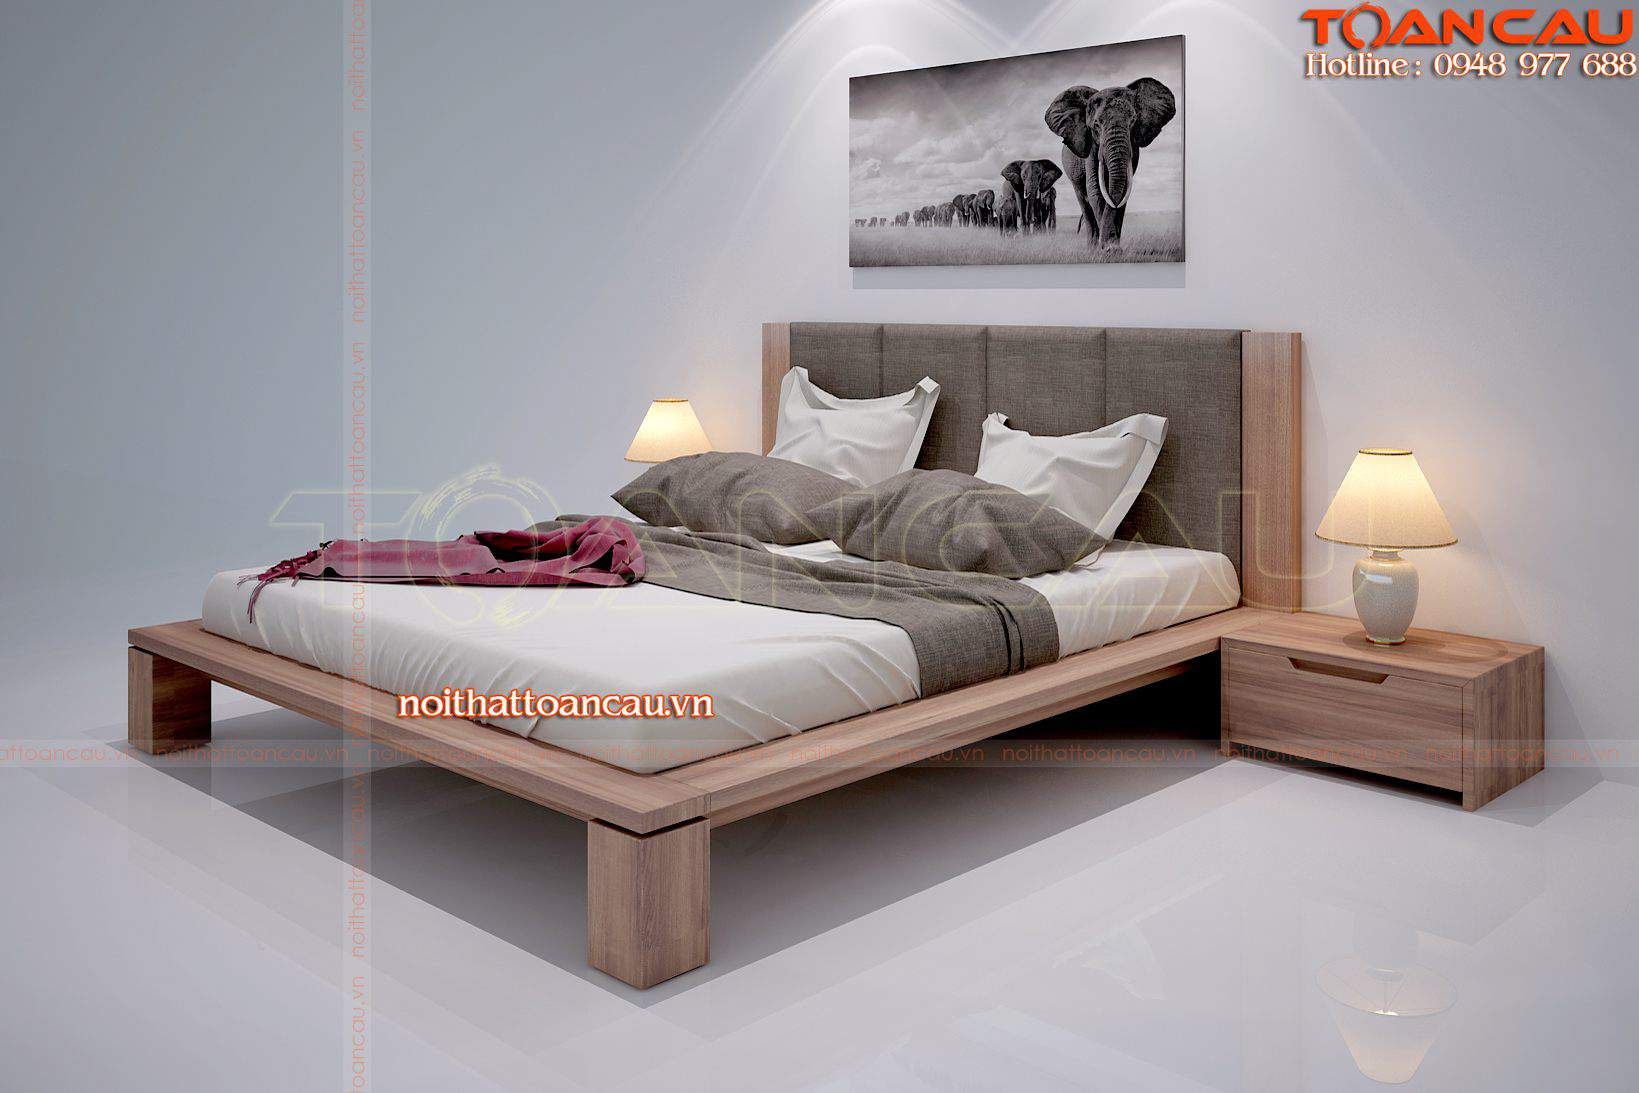 giường tủ gỗ tự nhiên